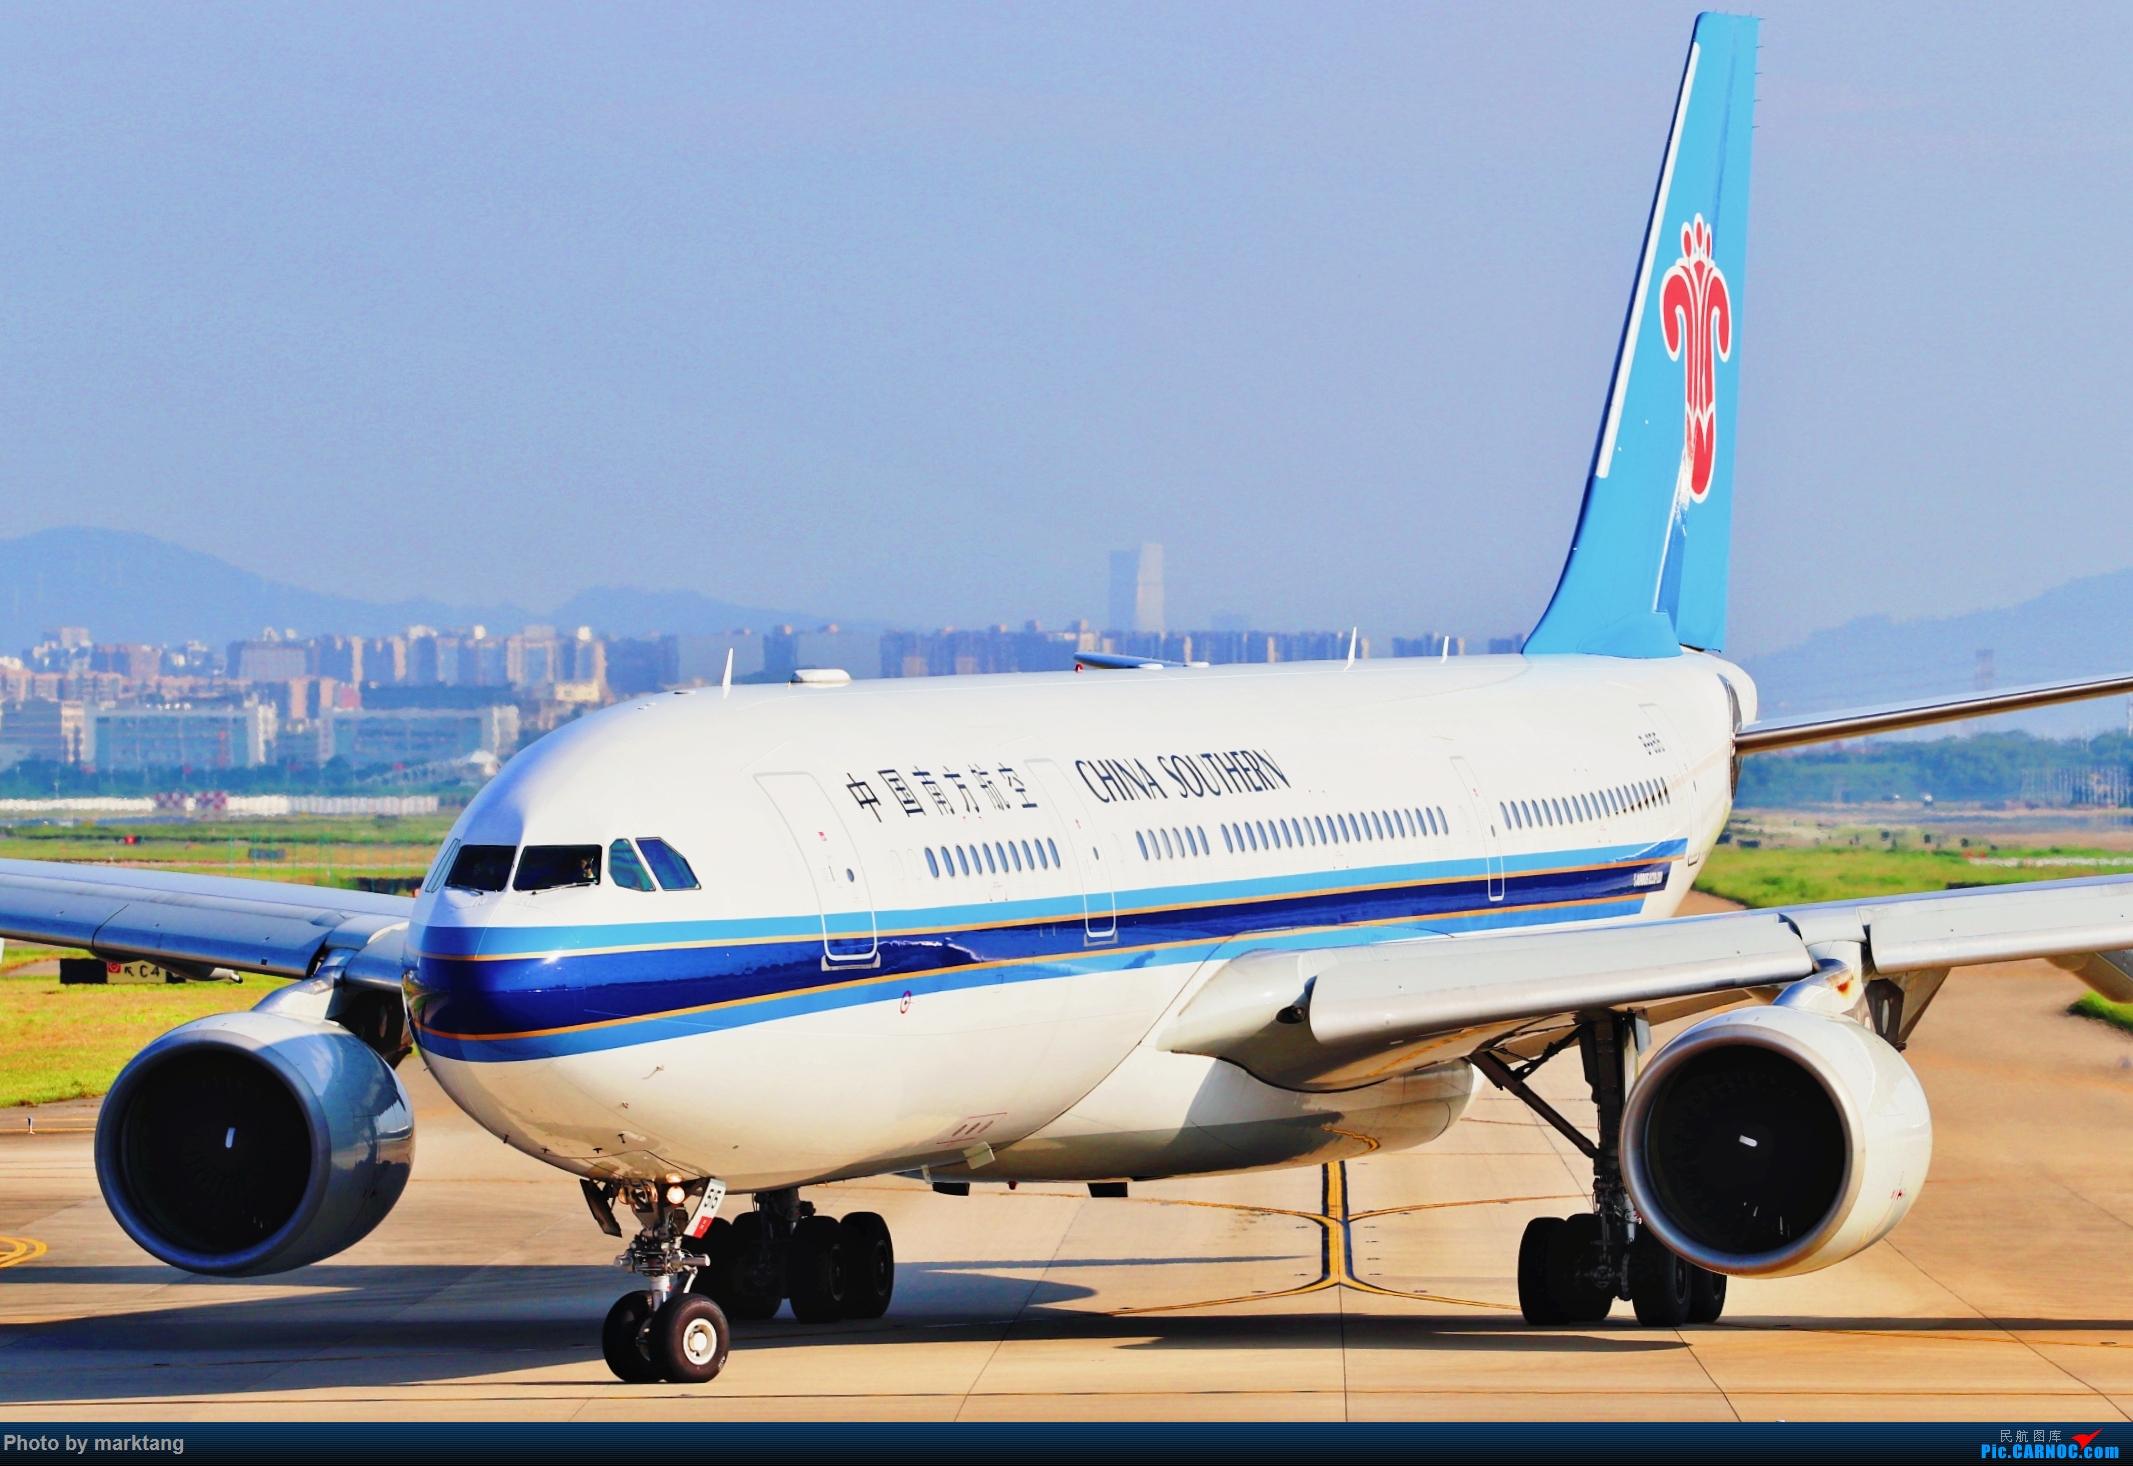 中国南方航空330-200 AIRBUS A330-200 B-6515 中国深圳宝安国际机场